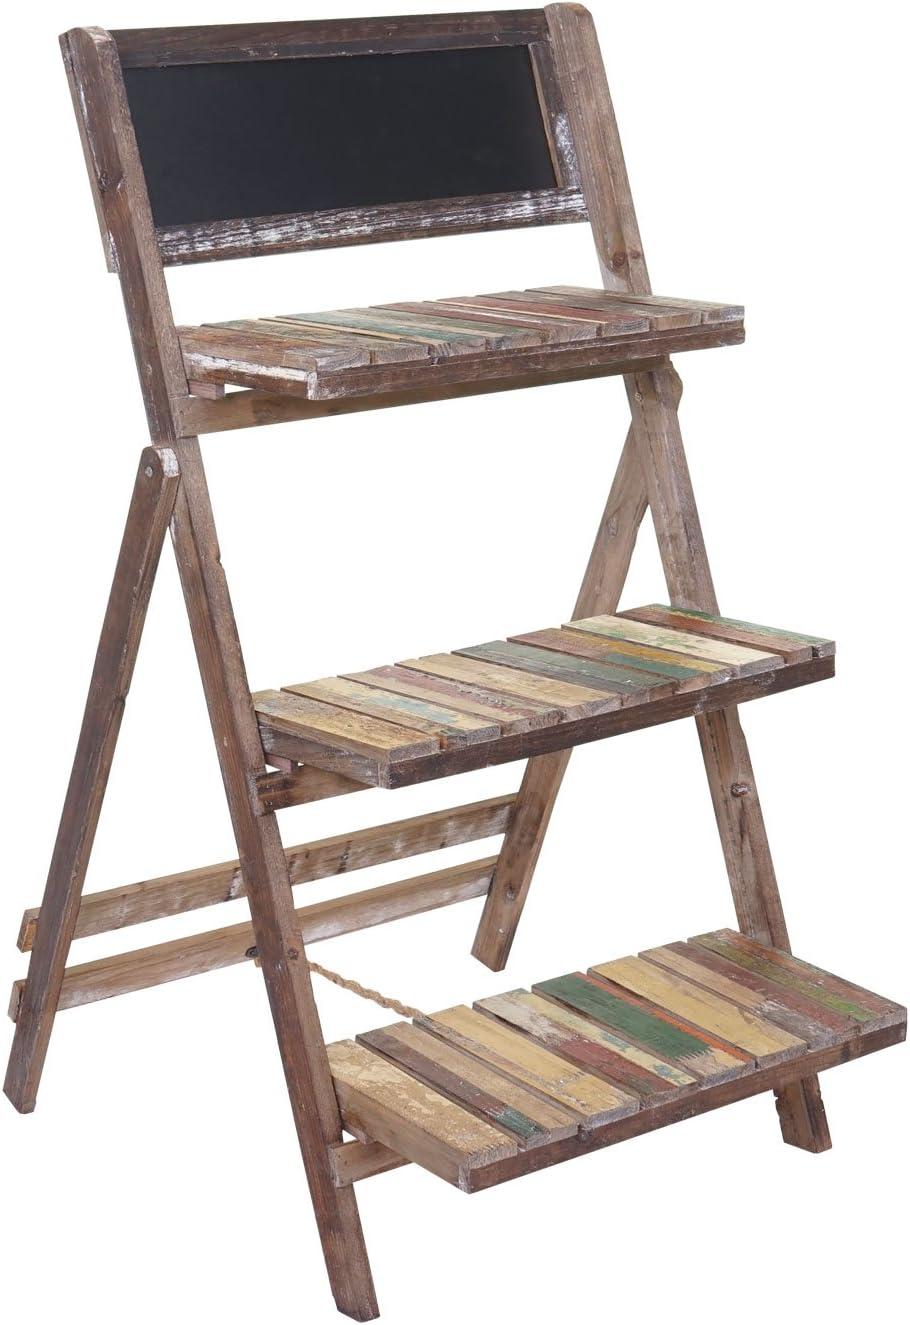 Serie Vintage Estantería macetas 3 estantes con pizarra hwc-a94 madera paulonia: Amazon.es: Hogar